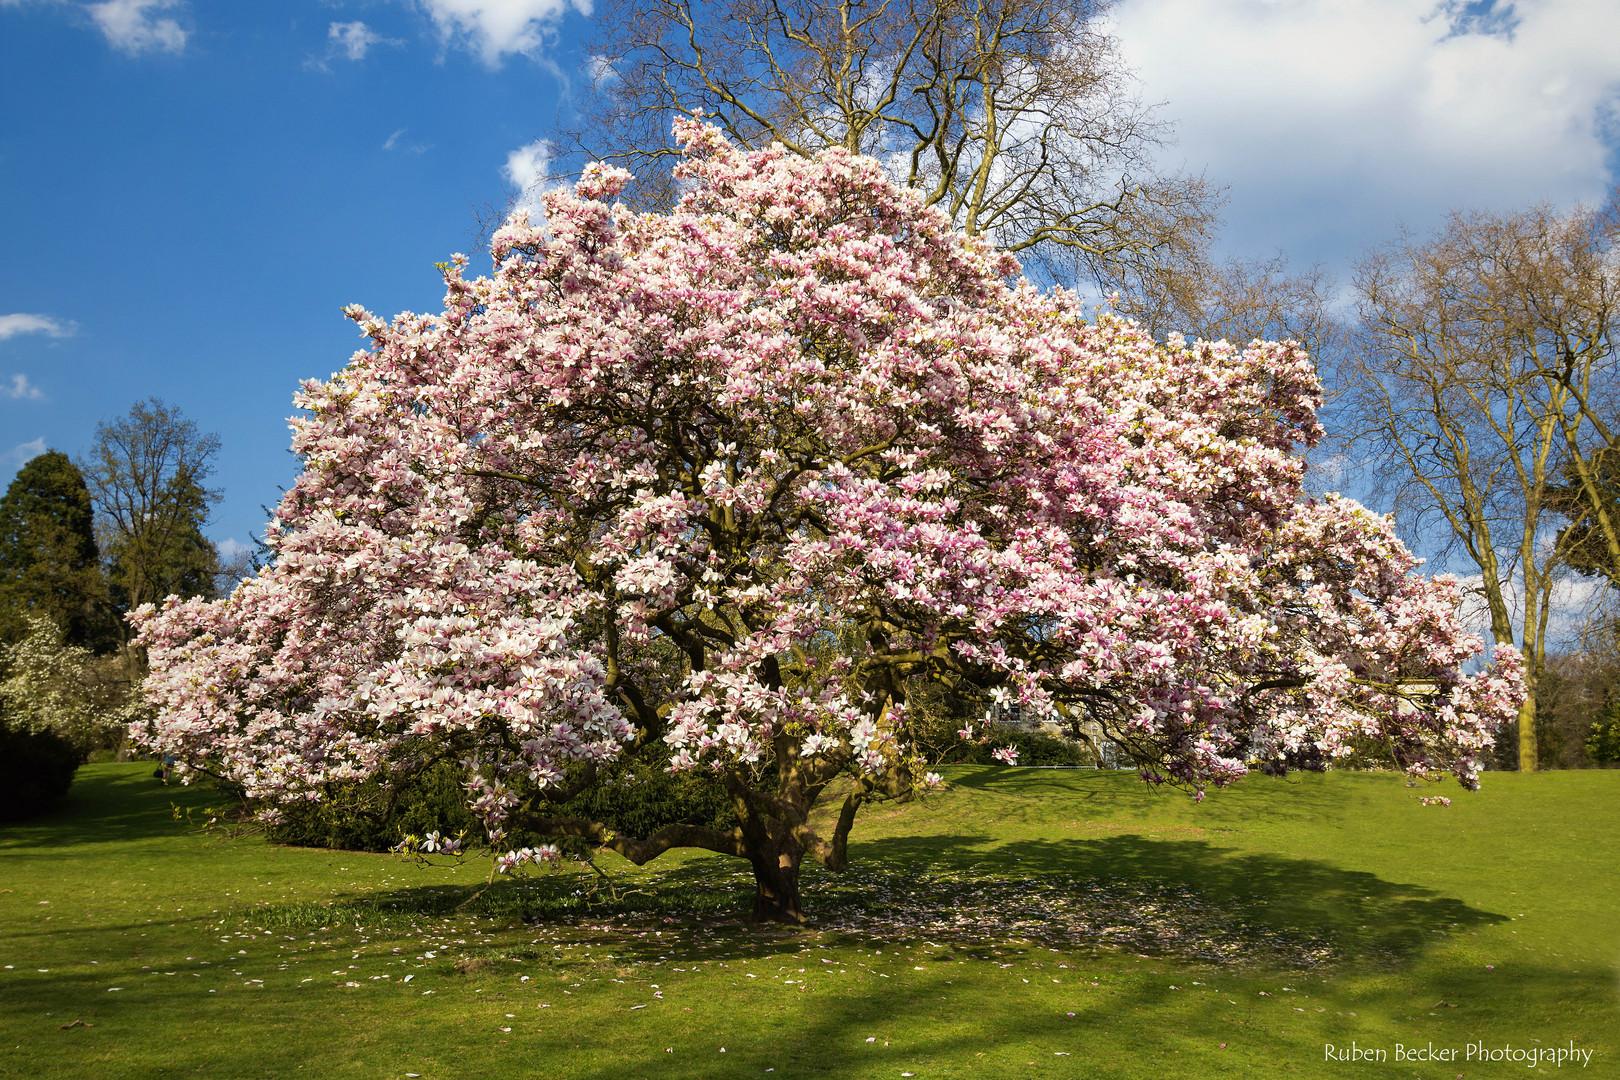 Geliebte Der Magnolienbaum Foto & Bild | pflanzen, pilze & flechten, bäume &HS_94